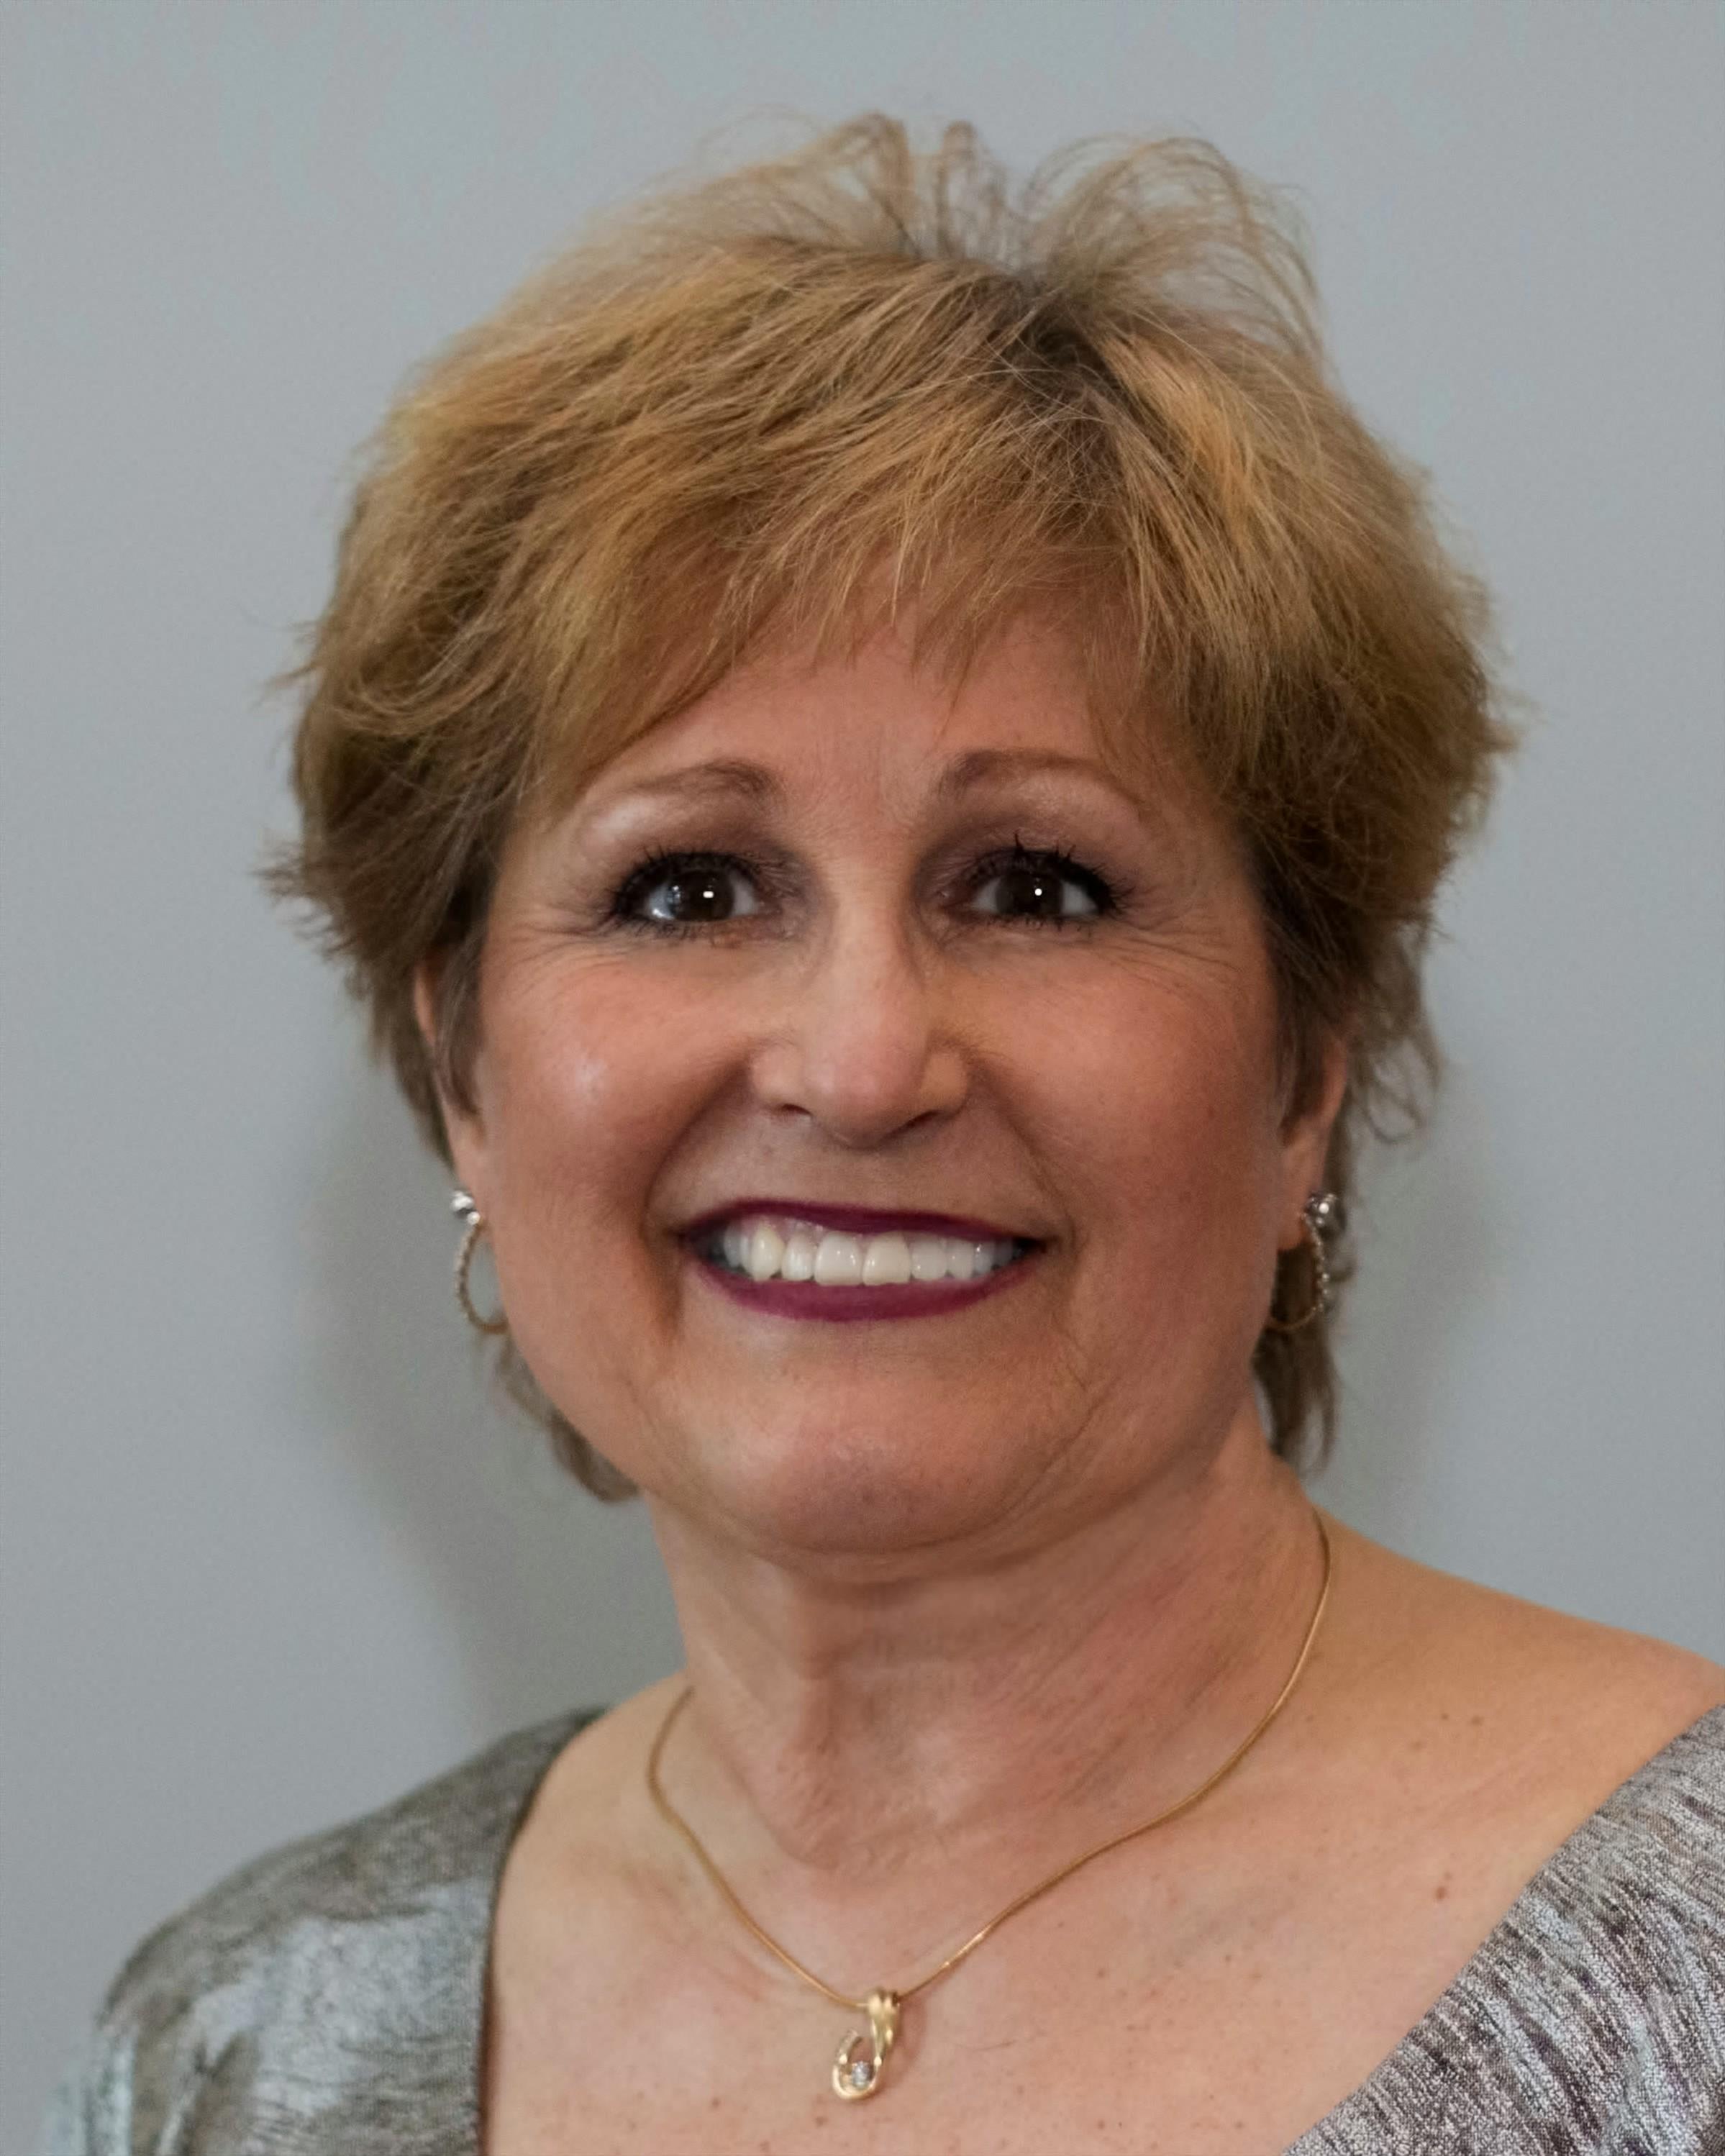 Denise Leipold